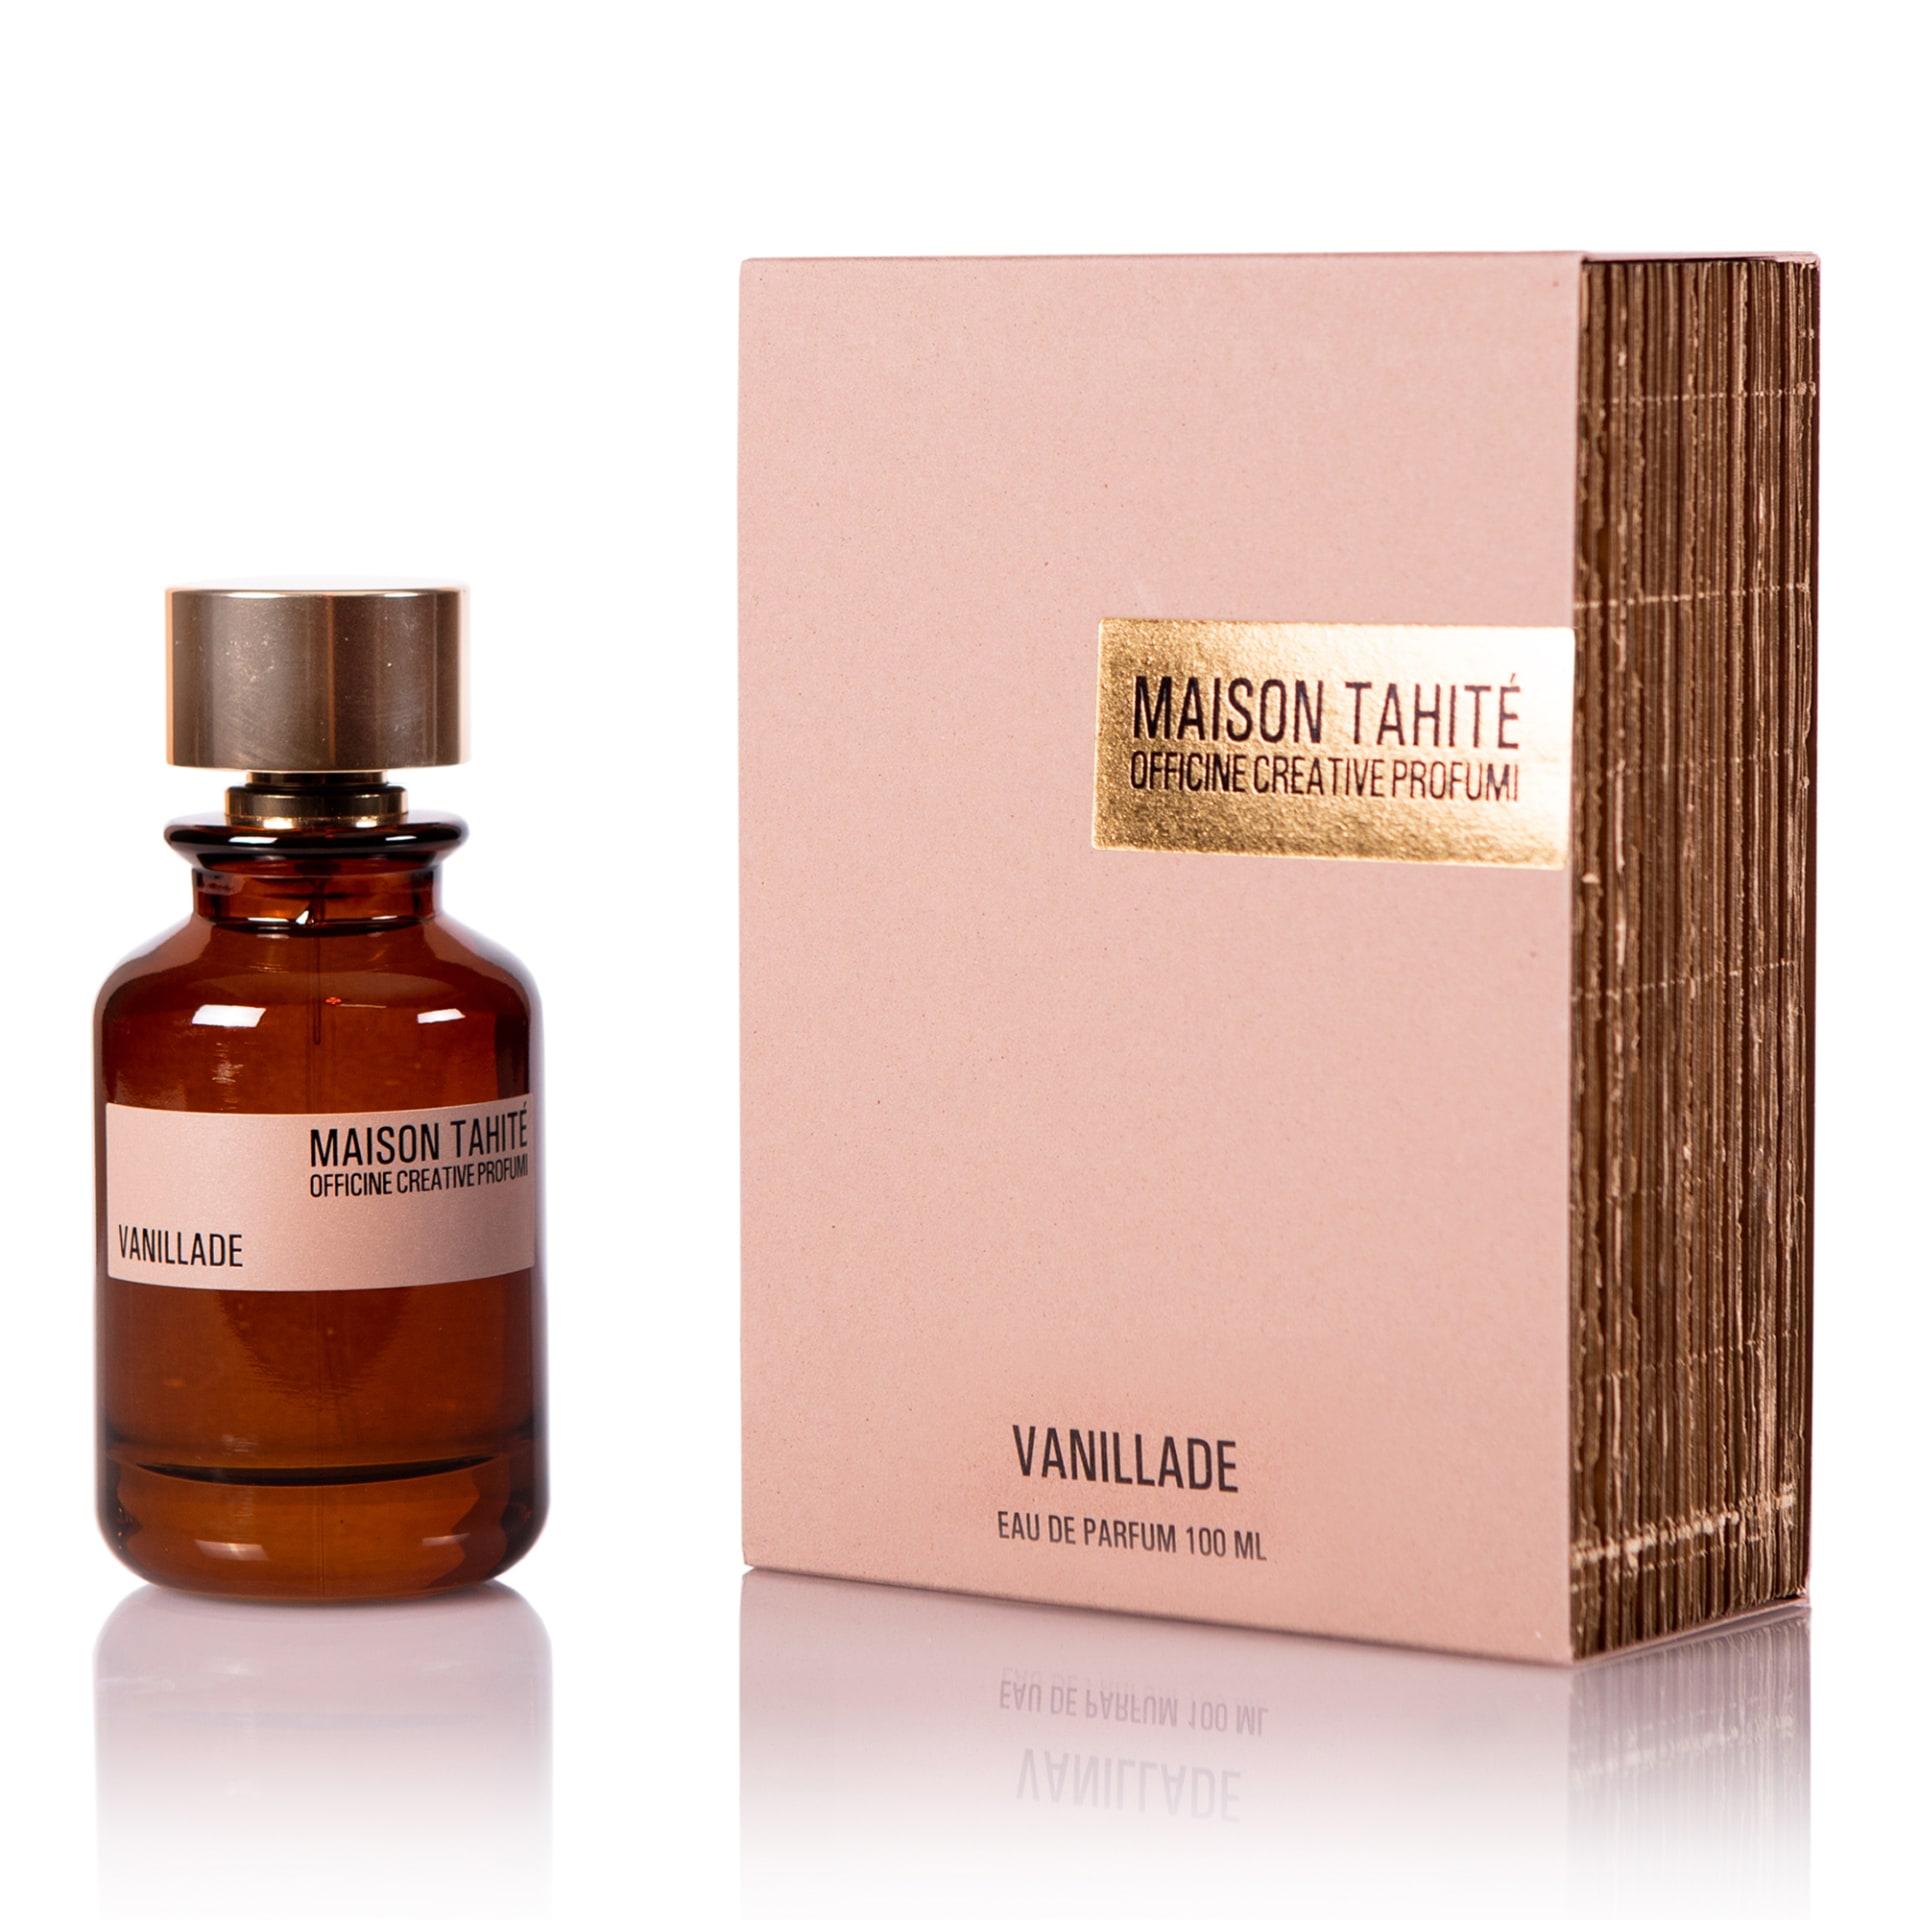 maison-tahite-vanillade-1